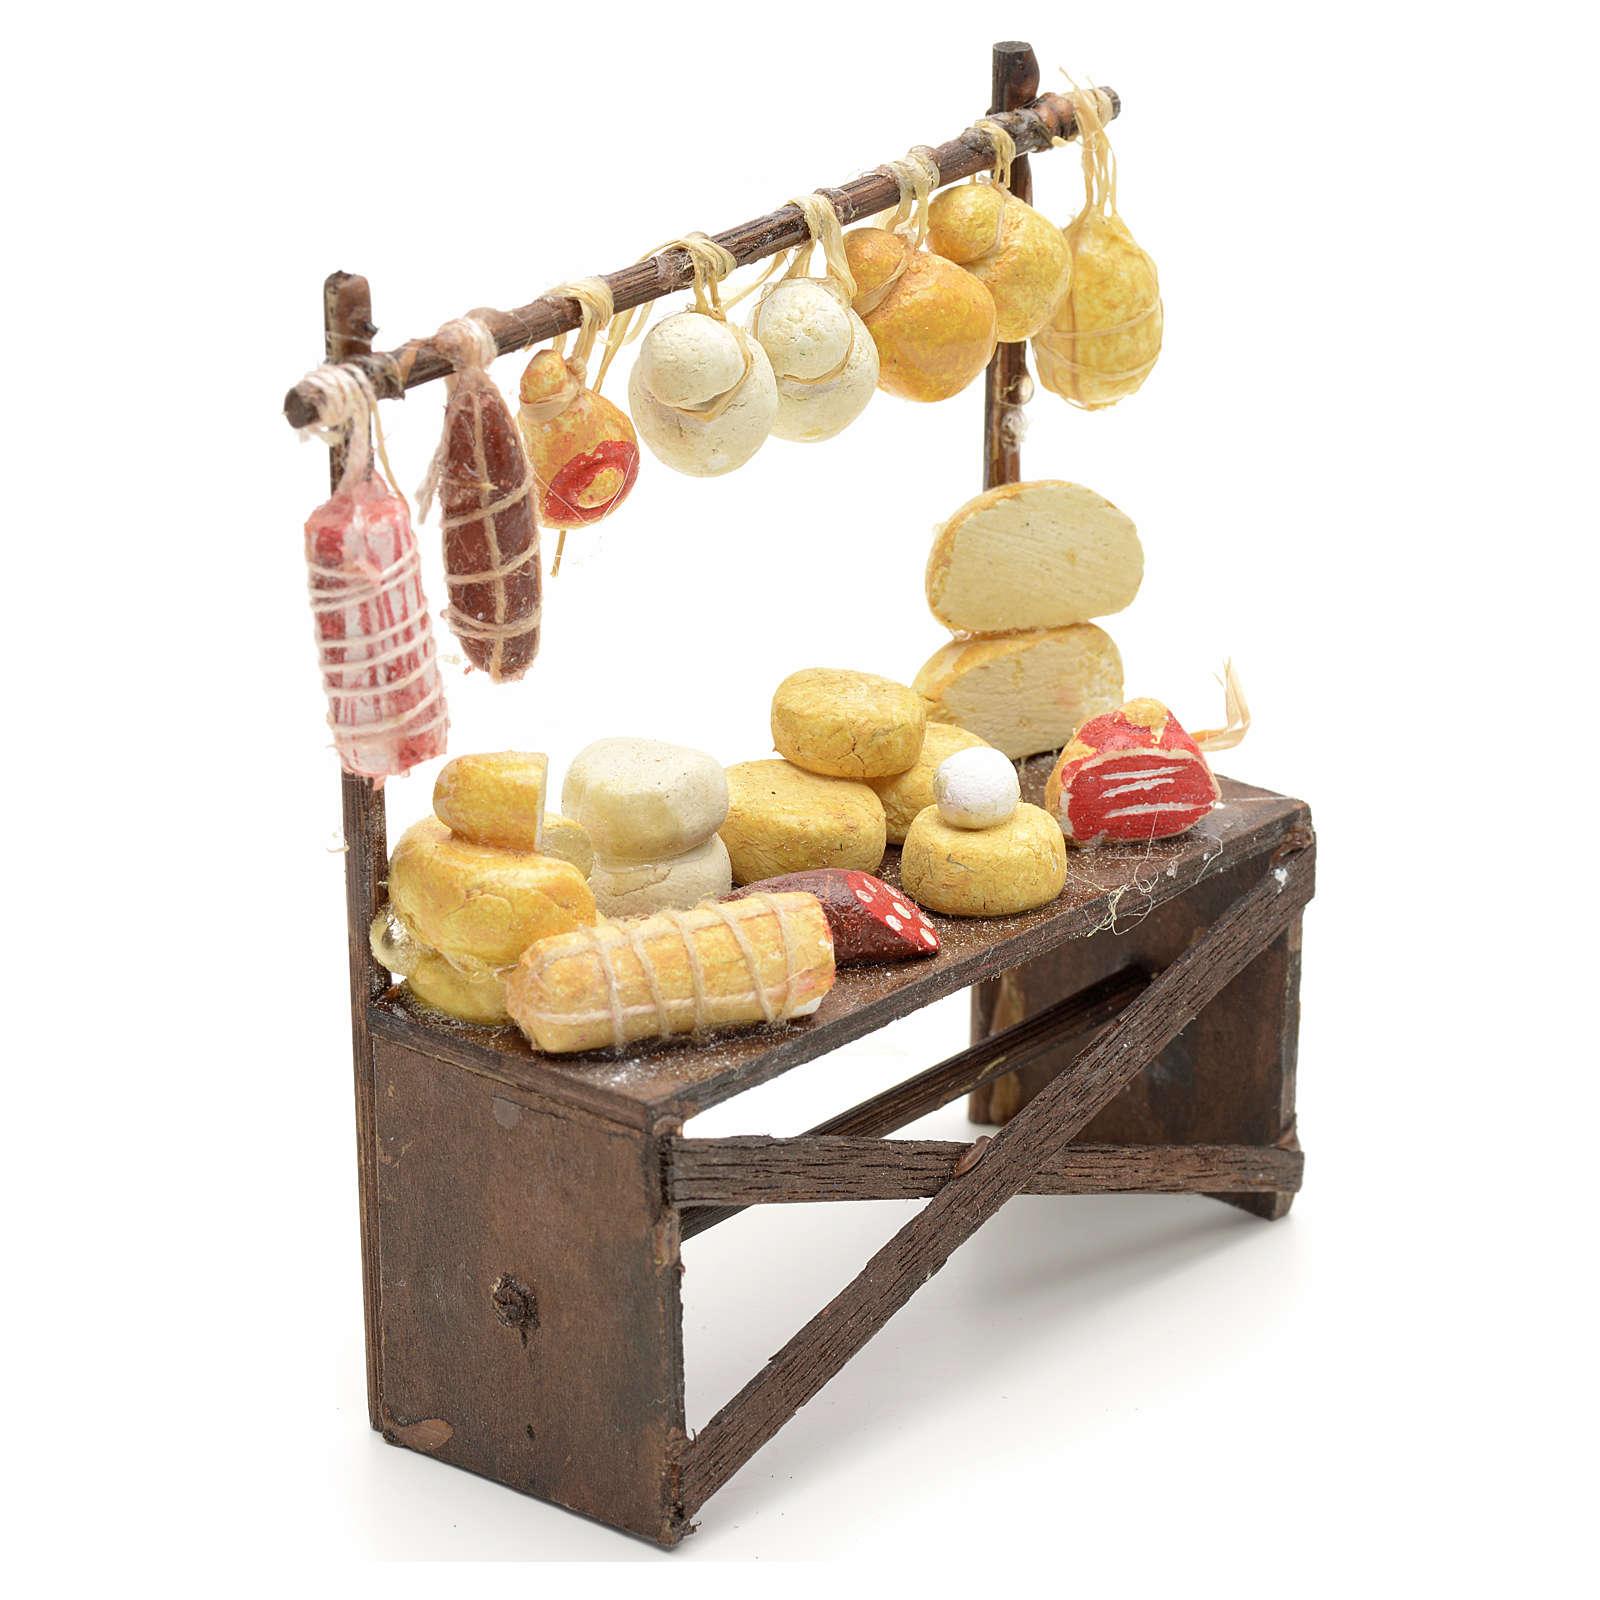 Banco salumi e formaggi presepe  9x8x3 cm 4